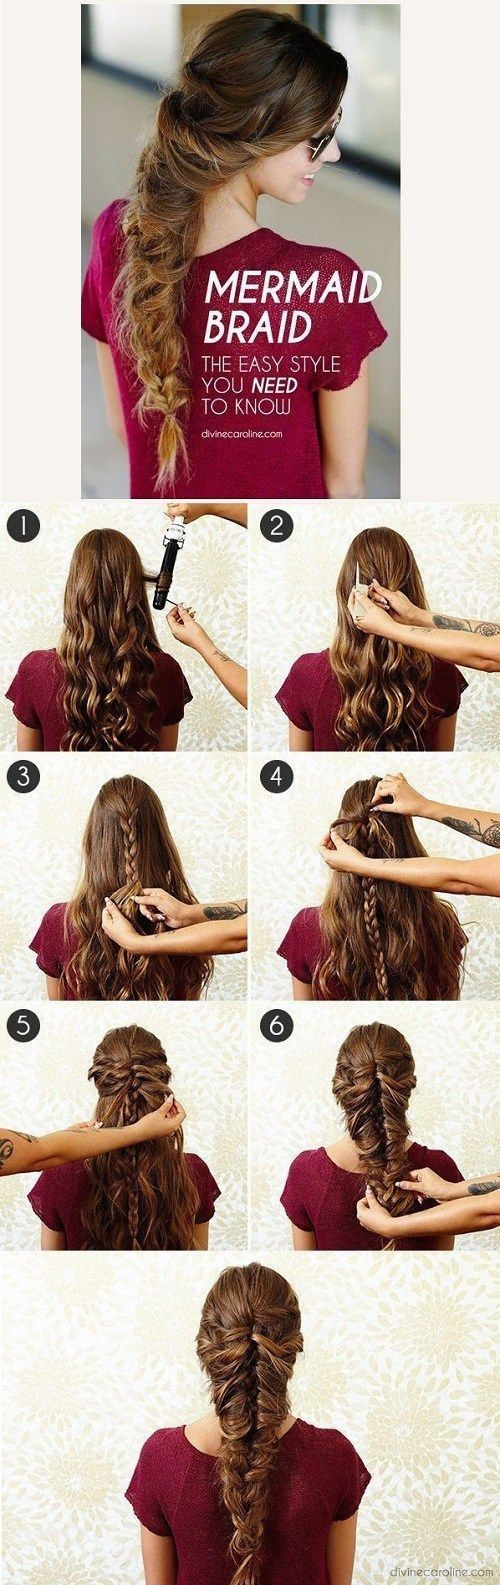 Coiffure cheveux longs rapides et faciles, 10 coiffures modèles et instructions inspirantes